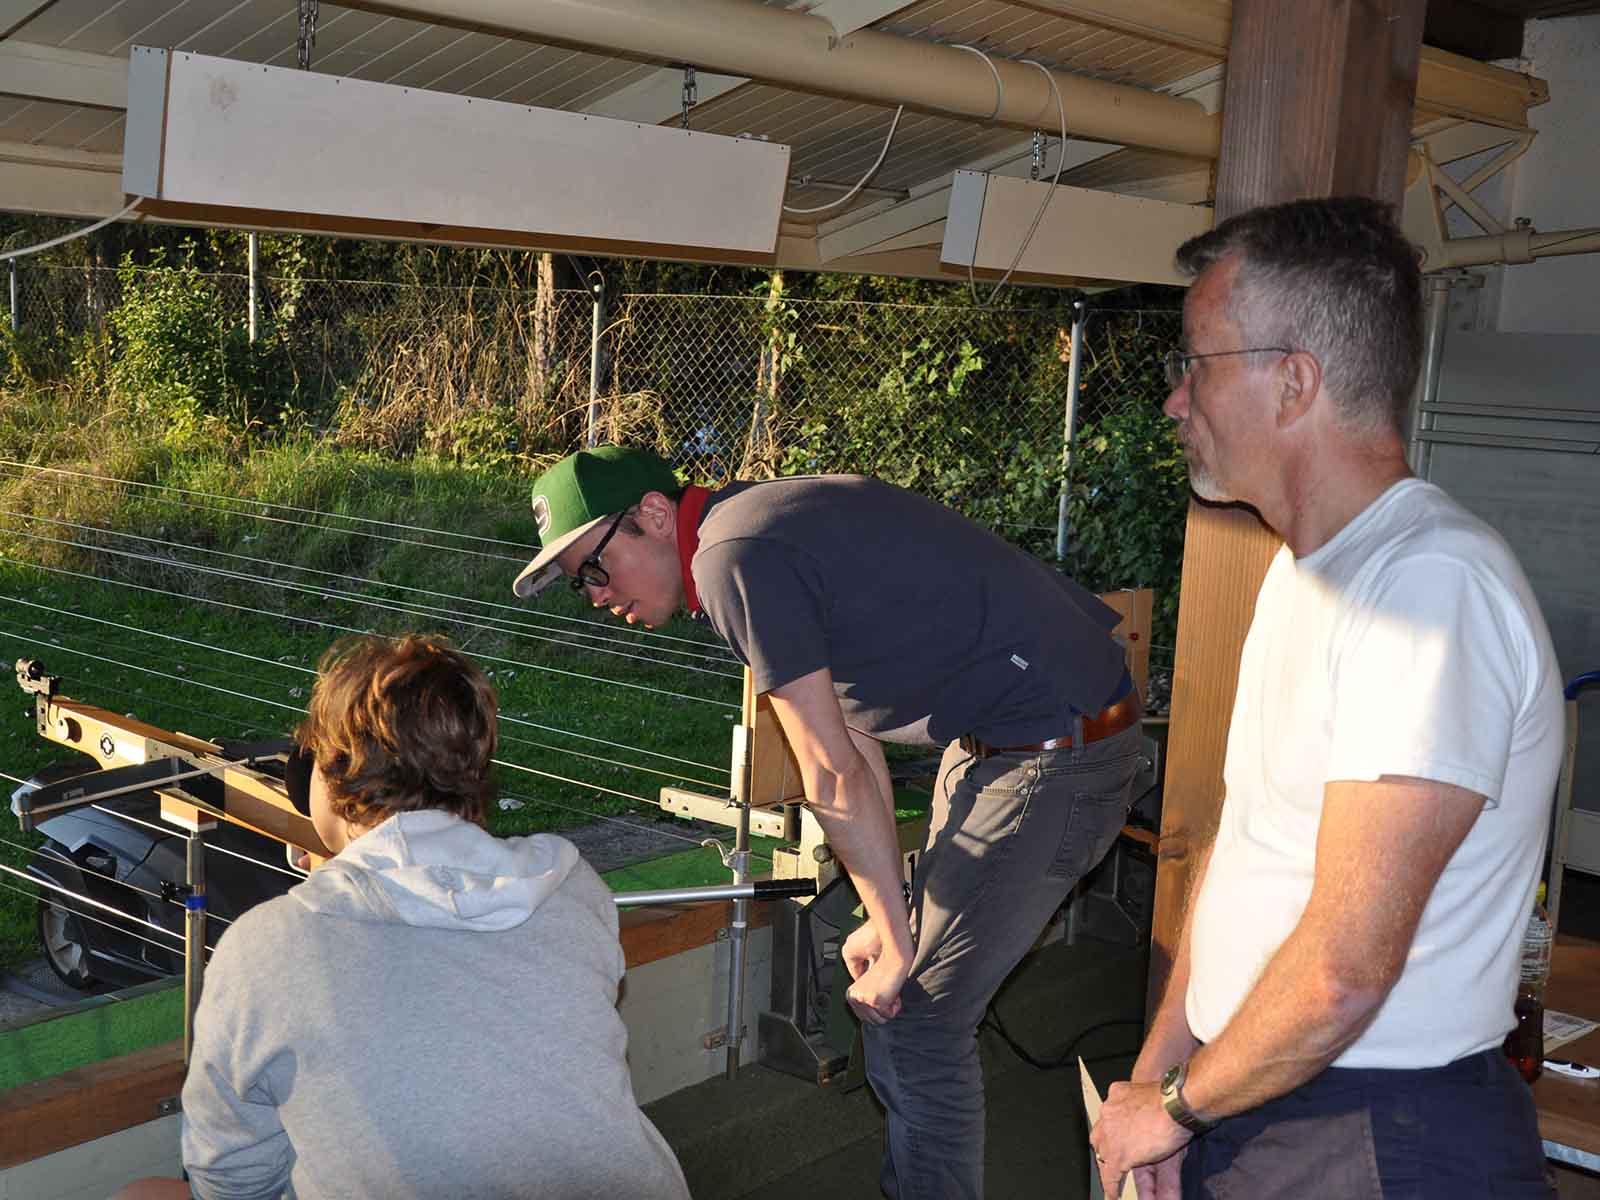 Der Vize-Weltmeister Marco Vetsch instruiert einen neugierigen Jungen, der mit seinem Vater (rechts) gekommen ist.